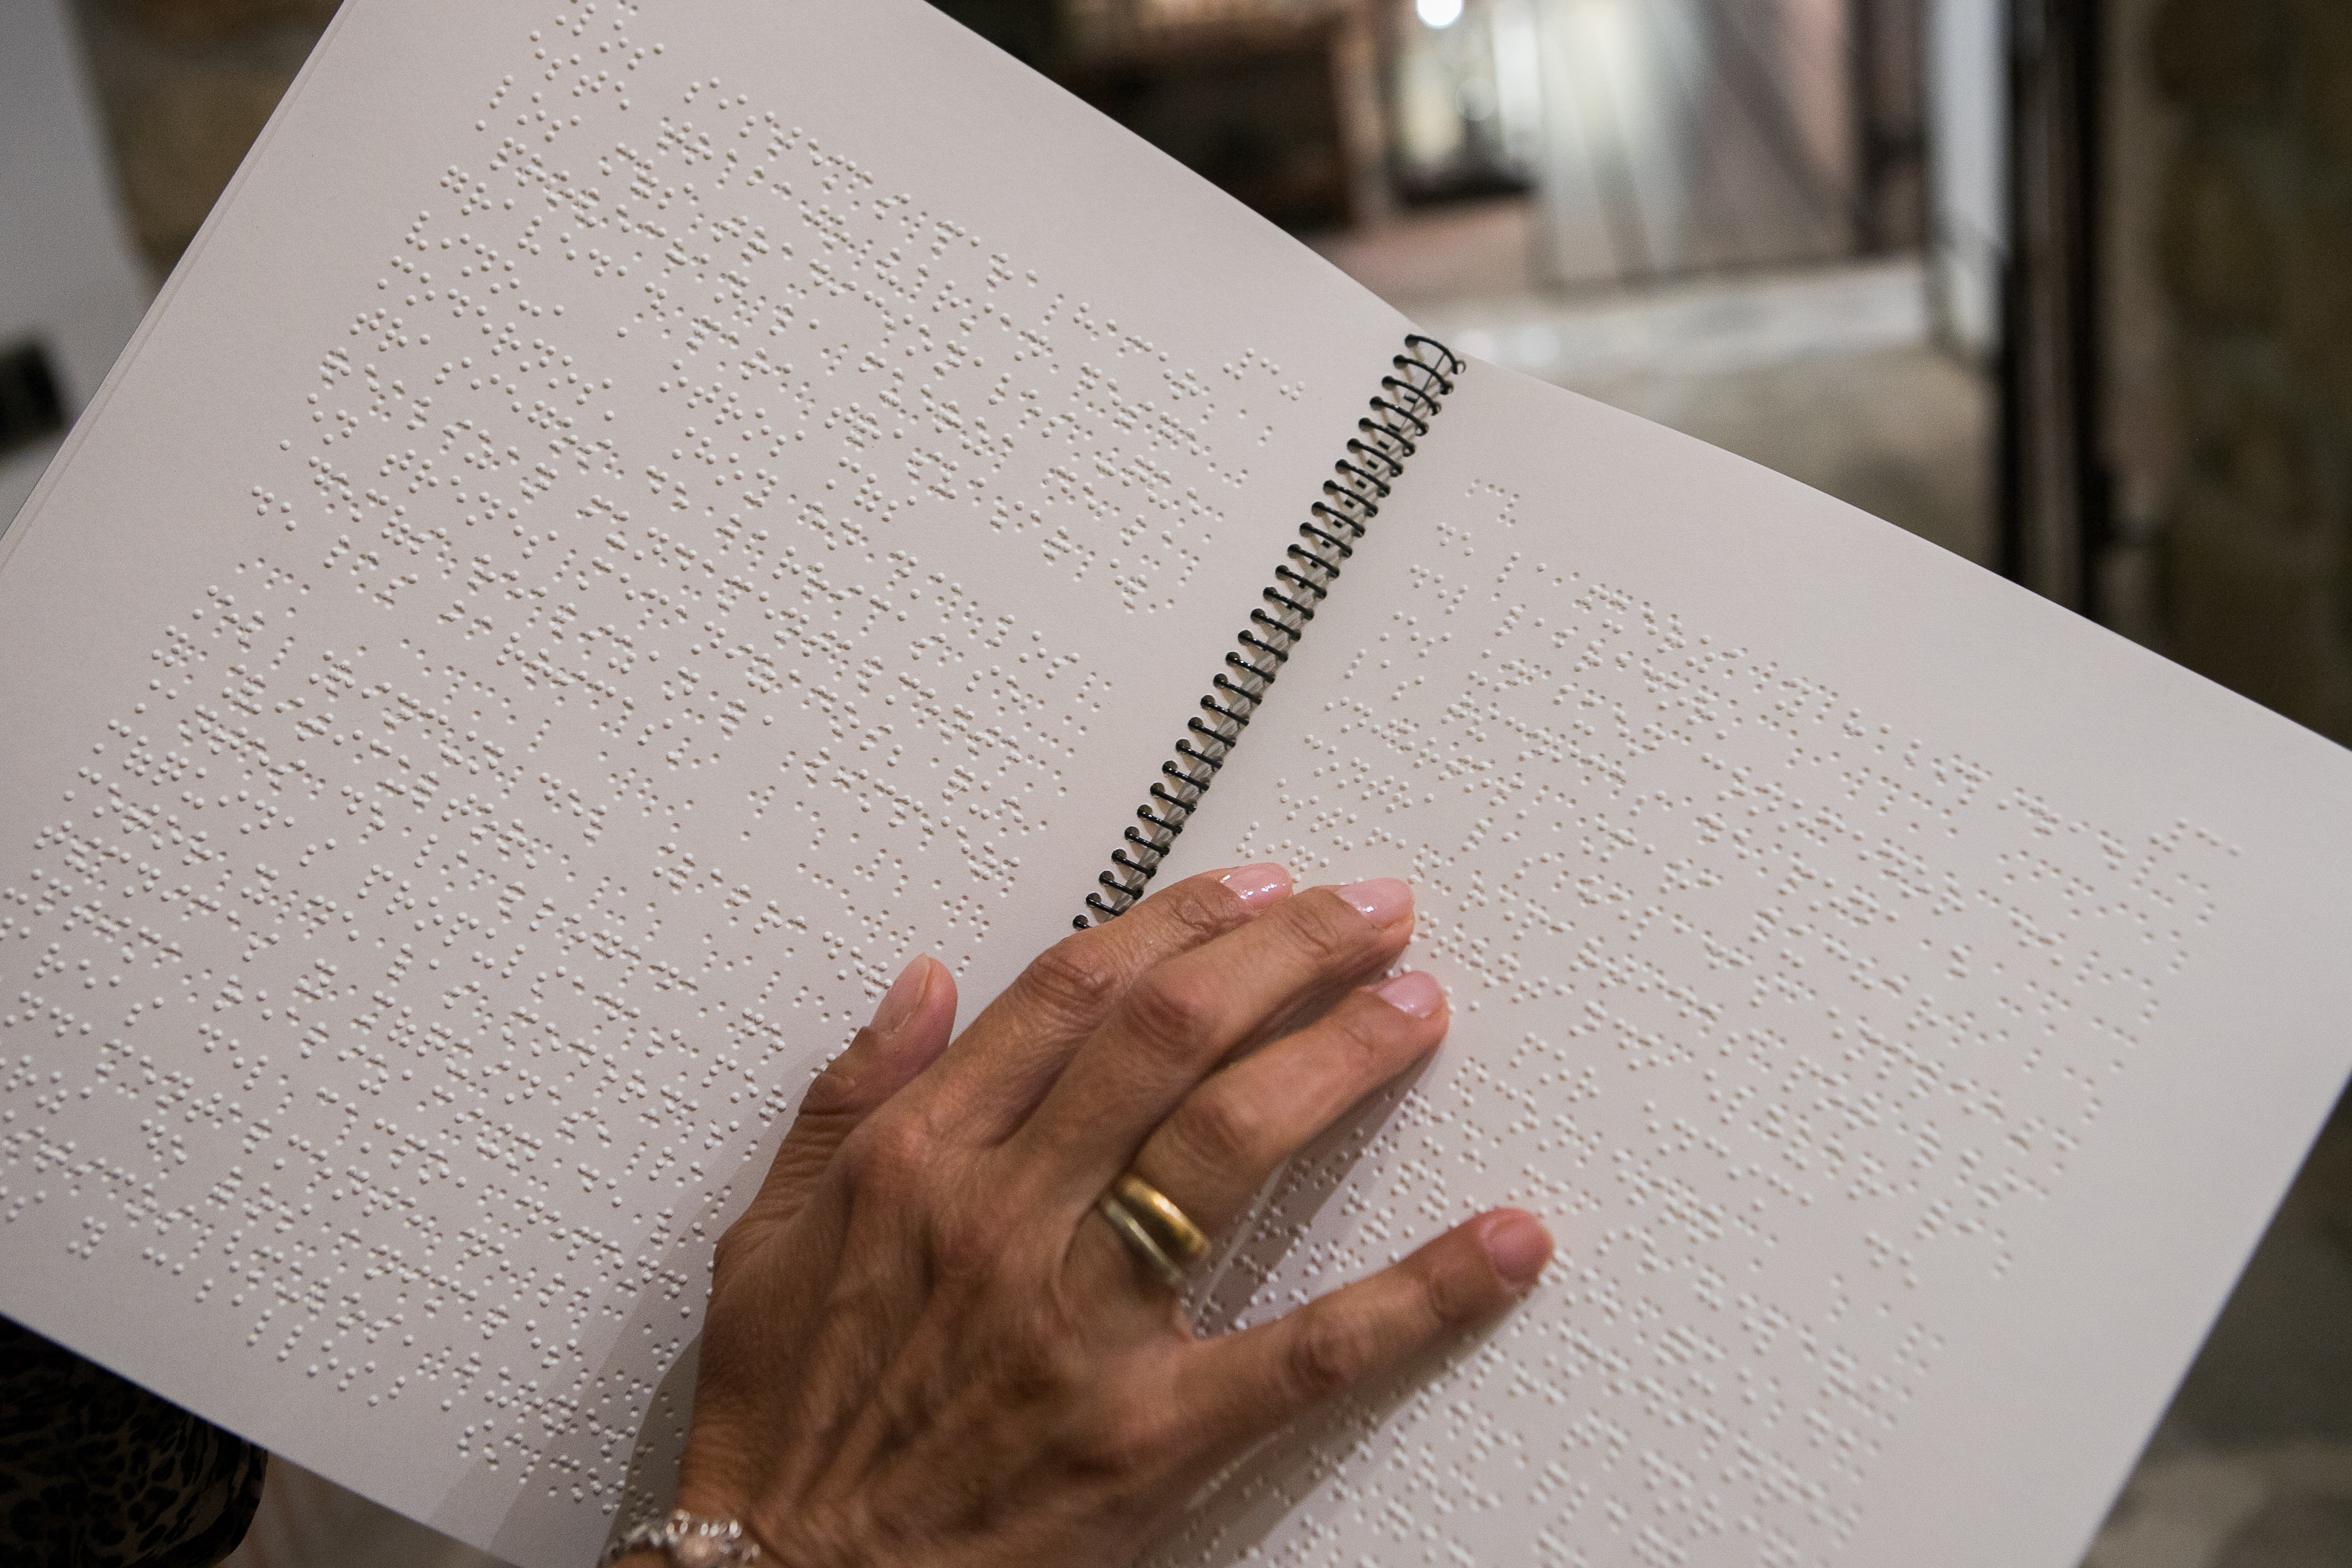 Persona ciega leyendo libro en braille. Proyecto de accesiblidad desarrollado por Equalitas Accesibilidad